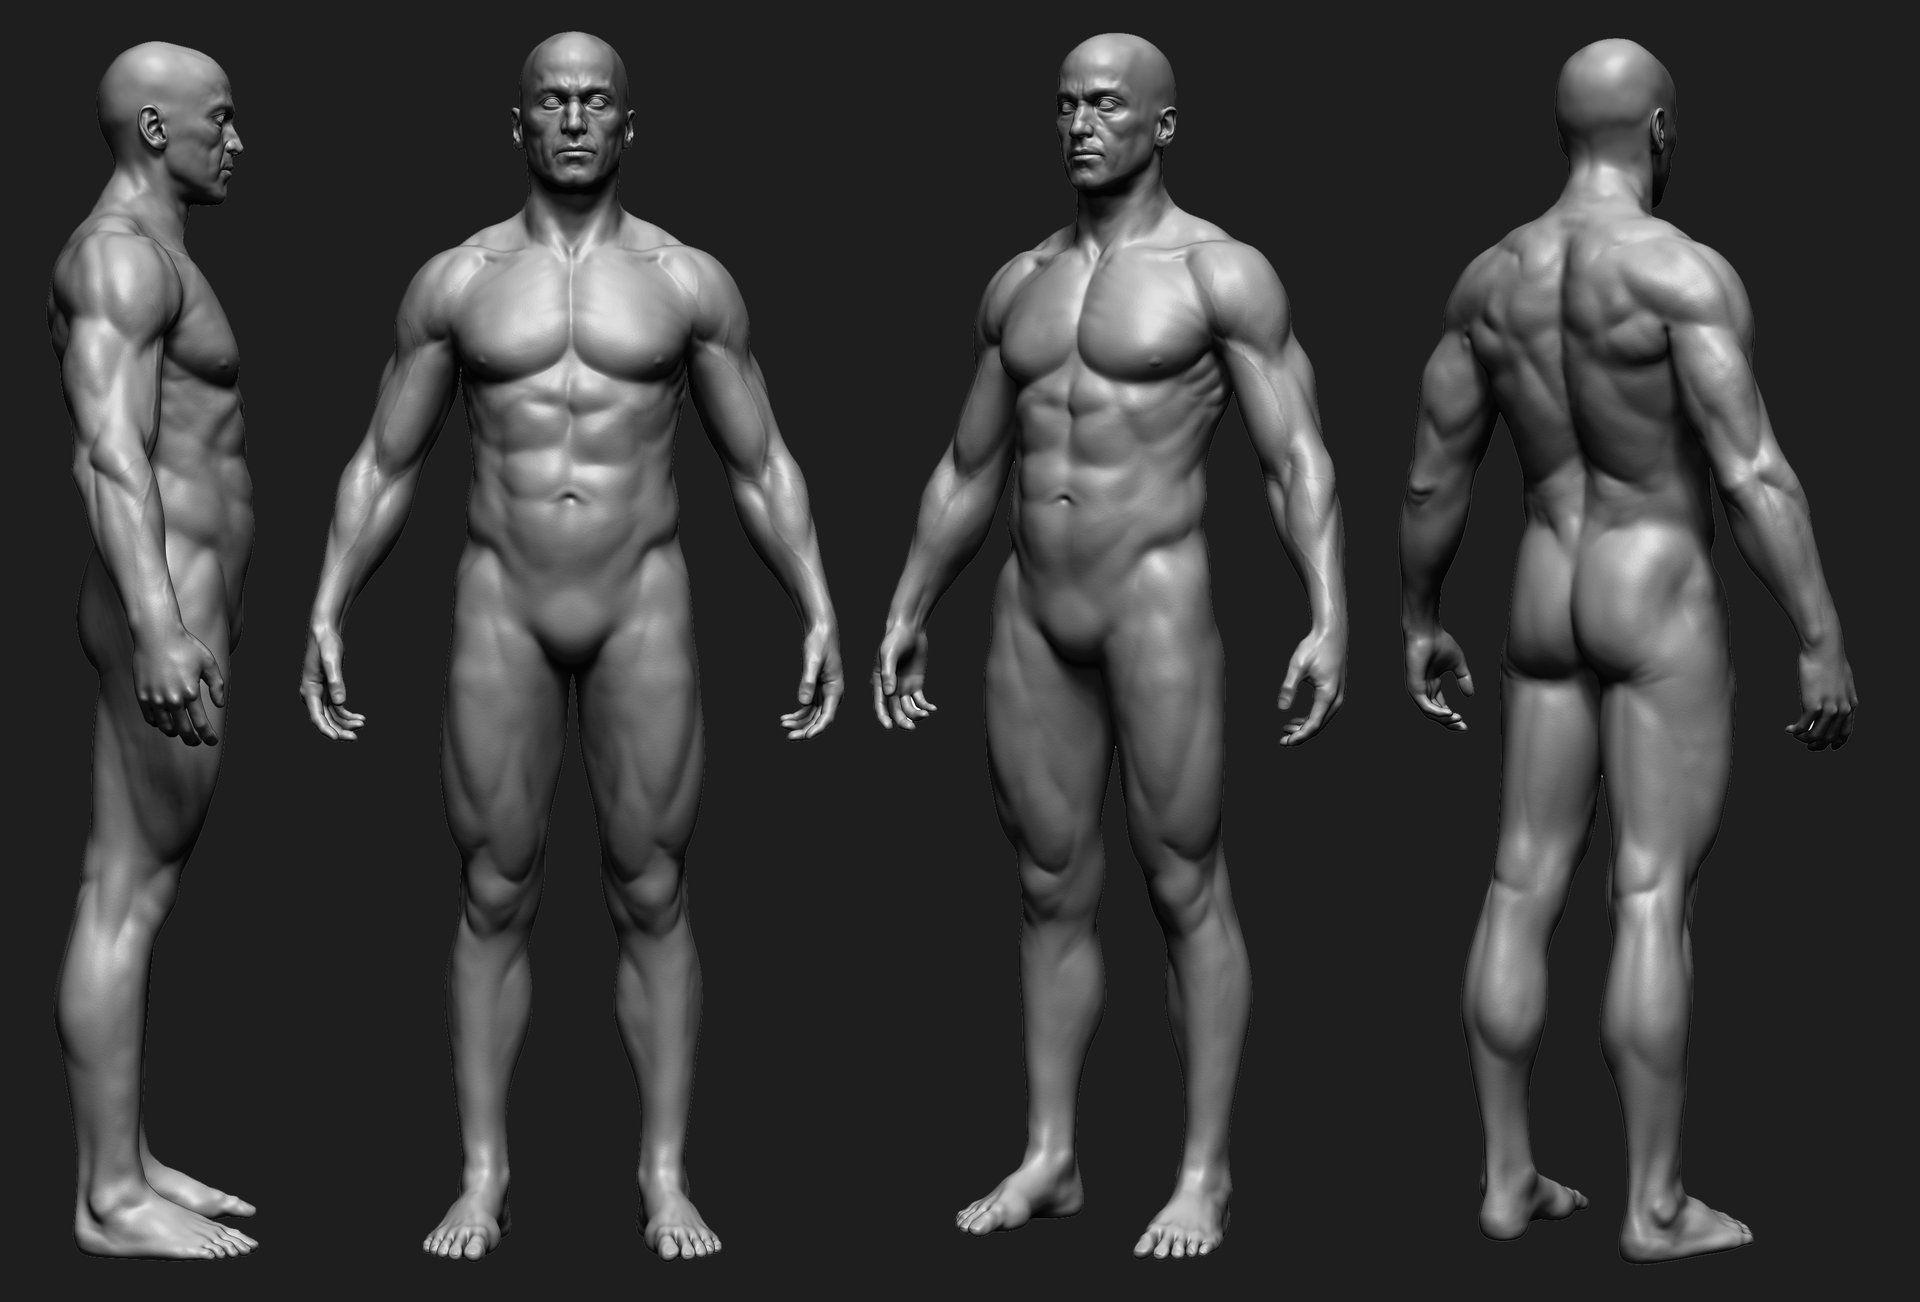 ArtStation - Anatomy study, Frank Tzeng | 3d characters | Pinterest ...